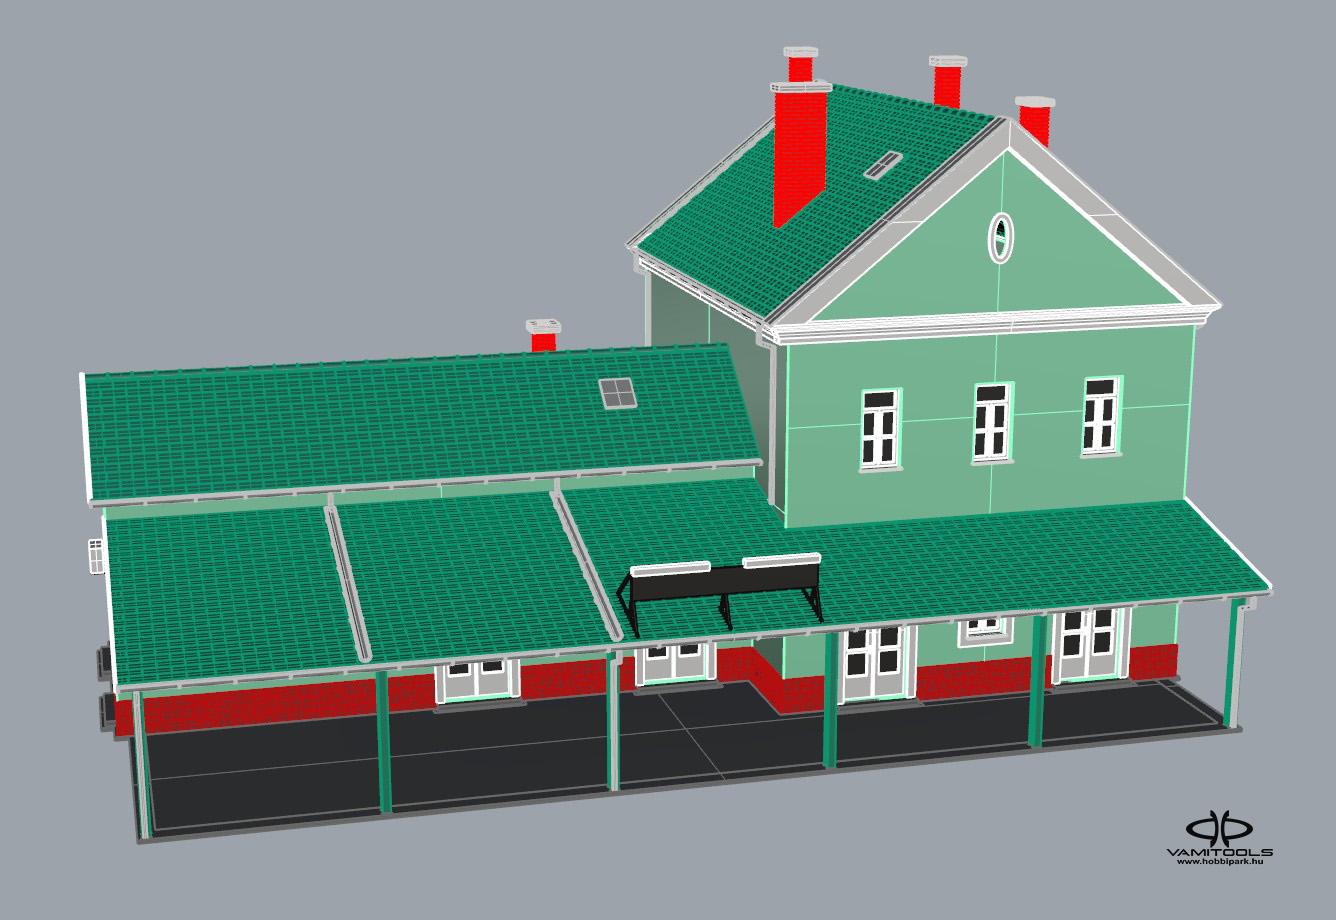 épület, vasútállomás, állomás, állomásépület, modellvasút, vasút, MÁV épület, MÁV vasútállomás, MÁV vasútállomás, MÁV modell állomás, MÁV állomásépület, Ebes, Ebes vasútállomás, Ebes állomás, Ebes épület, Ebes ház, terepasztal, dioráma, H0 épület, H0 vasútállomás, H0 állomás, H0 állomásépület, H0 modellvasút, H0 vasút, H0 MÁV épület, H0 MÁV vasútállomás, H0 MÁV vasútállomás, H0 MÁV modell állomás, H0 MÁV állomásépület, H0 Ebes, H0 Ebes vasútállomás, H0 Ebes állomás, H0 Ebes épület, H0 Ebes ház, H0 terepasztal, H0 dioráma, 1:87 épület, 1:87 vasútállomás, 1:87 állomás, 1:87 állomásépület, 1:87 modellvasút, 1:87 vasút, 1:87 MÁV épület, 1:87 MÁV vasútállomás, 1:87 MÁV vasútállomás, 1:87 MÁV modell állomás, 1:87 MÁV állomásépület, 1:87 Ebes, 1:87 Ebes vasútállomás, 1:87 Ebes állomás, 1:87 Ebes épület, 1:87 Ebes ház, 1:87 terepasztal, 1:87 dioráma, TT épület, TT vasútállomás, TT állomás, TT állomásépület, TT modellvasút, TT vasút, TT MÁV épület, TT MÁV vasútállomás, TT MÁV vasútállomás, TT MÁV modell állomás, TT MÁV állomásépület, TT Ebes, TT Ebes vasútállomás, TT Ebes állomás, TT Ebes épület, TT Ebes ház, TT terepasztal, TT dioráma, 1:120 épület, 1:120 vasútállomás, 1:120 állomás, 1:120 állomásépület, 1:120 modellvasút, 1:120 vasút, 1:120 MÁV épület, 1:120 MÁV vasútállomás, 1:120 MÁV vasútállomás, 1:120 MÁV modell állomás, 1:120 MÁV állomásépület, 1:120 Ebes, 1:120 Ebes vasútállomás, 1:120 Ebes állomás, 1:120 Ebes épület, 1:120 Ebes ház, 1:120 terepasztal, 1:120 dioráma, N épület, N vasútállomás, N állomás, N állomásépület, N modellvasút, N vasút, N MÁV épület, N MÁV vasútállomás, N MÁV vasútállomás, N MÁV modell állomás, N MÁV állomásépület, N Ebes, N Ebes vasútállomás, N Ebes állomás, N Ebes épület, N Ebes ház, N terepasztal, N dioráma, 1:160 épület, 1:160 vasútállomás, 1:160 állomás, 1:160 állomásépület, 1:160 modellvasút, 1:160 vasút, 1:160 MÁV épület, 1:160 MÁV vasútállomás, 1:160 MÁV vasútállomás, 1:160 MÁV modell állomás, 1:160 MÁV állomásépület, 1:160 Ebes, 1:160